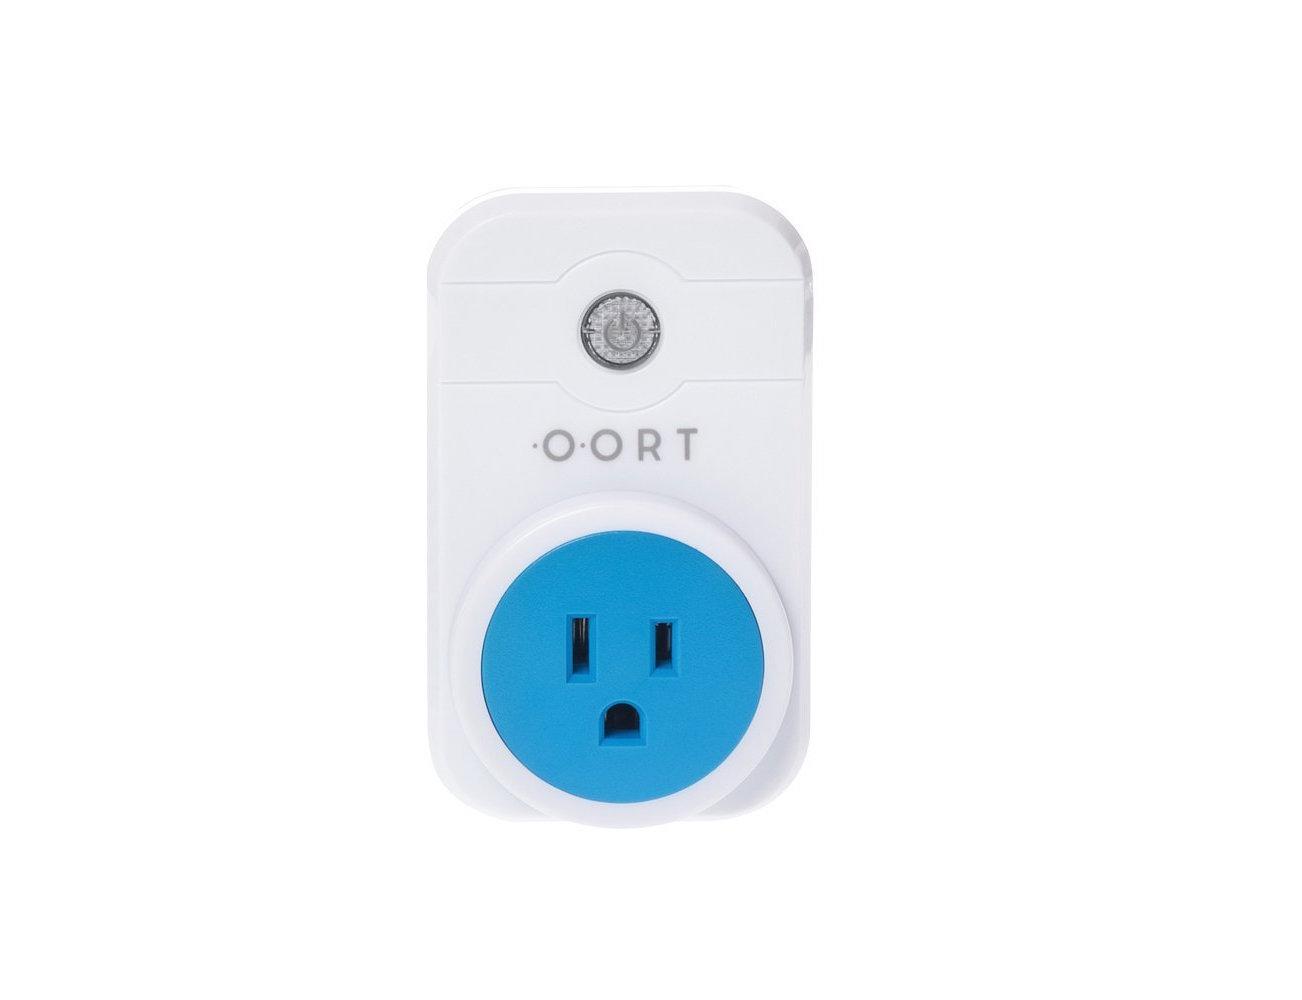 OORT SmartSocket Energy Meter